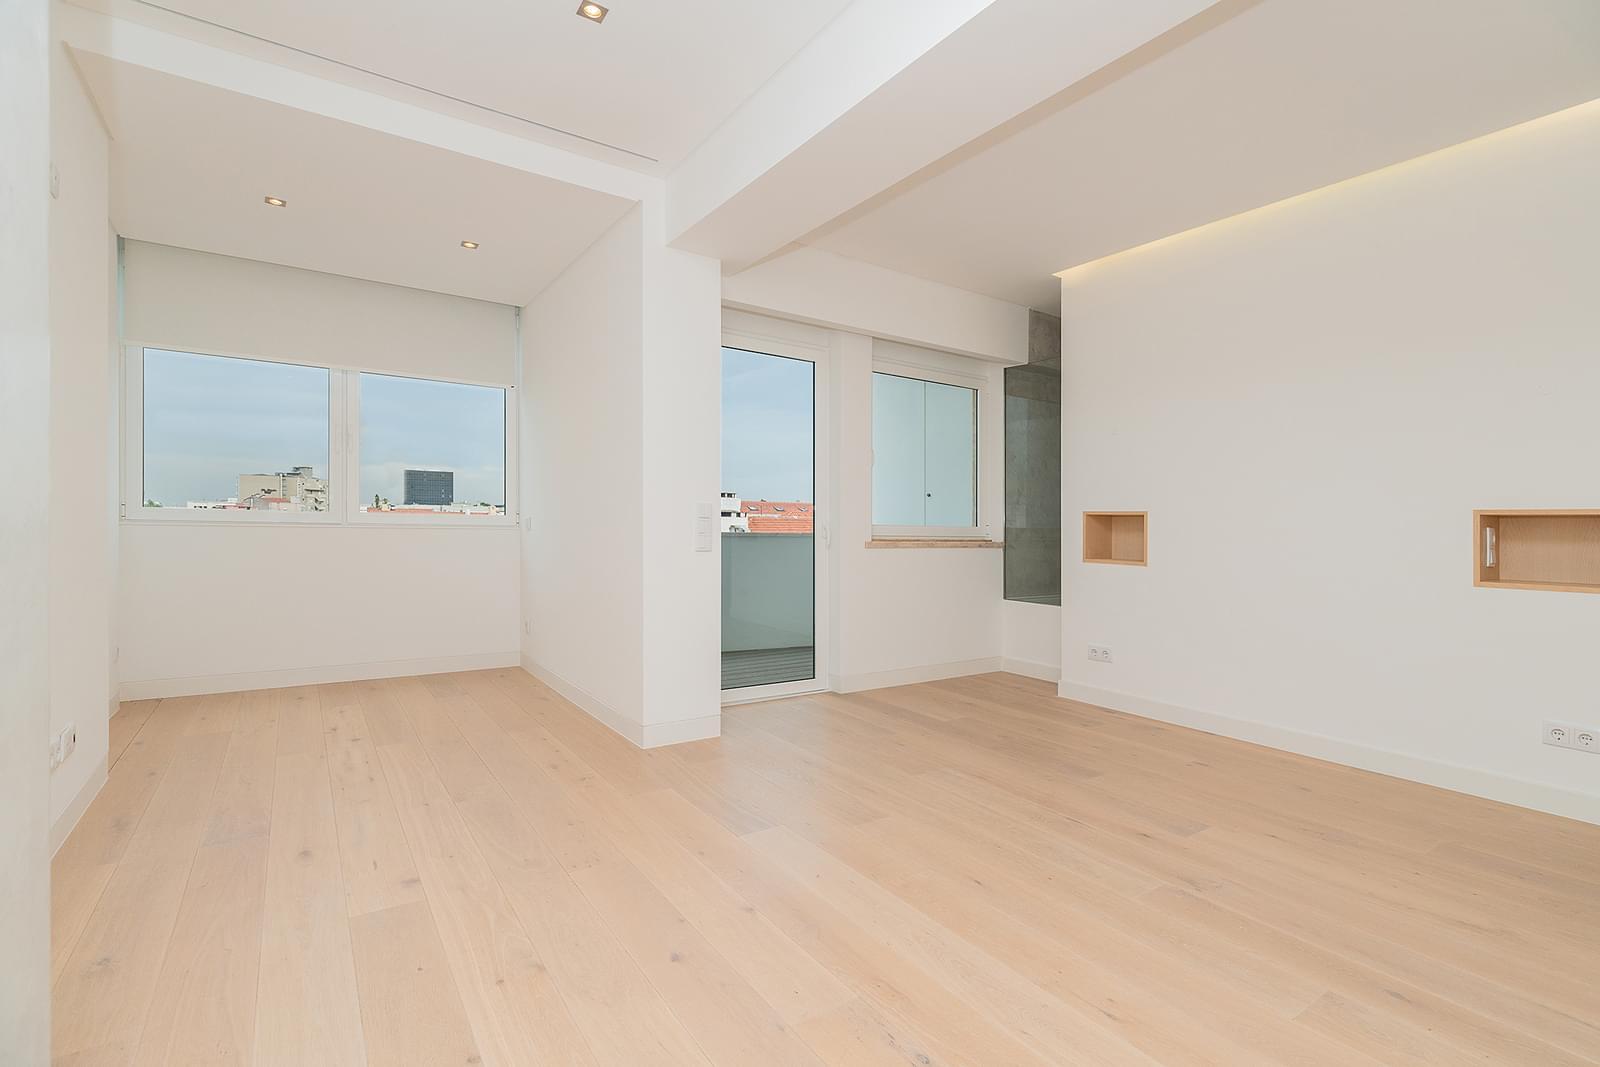 Apartamento T3+1 novo